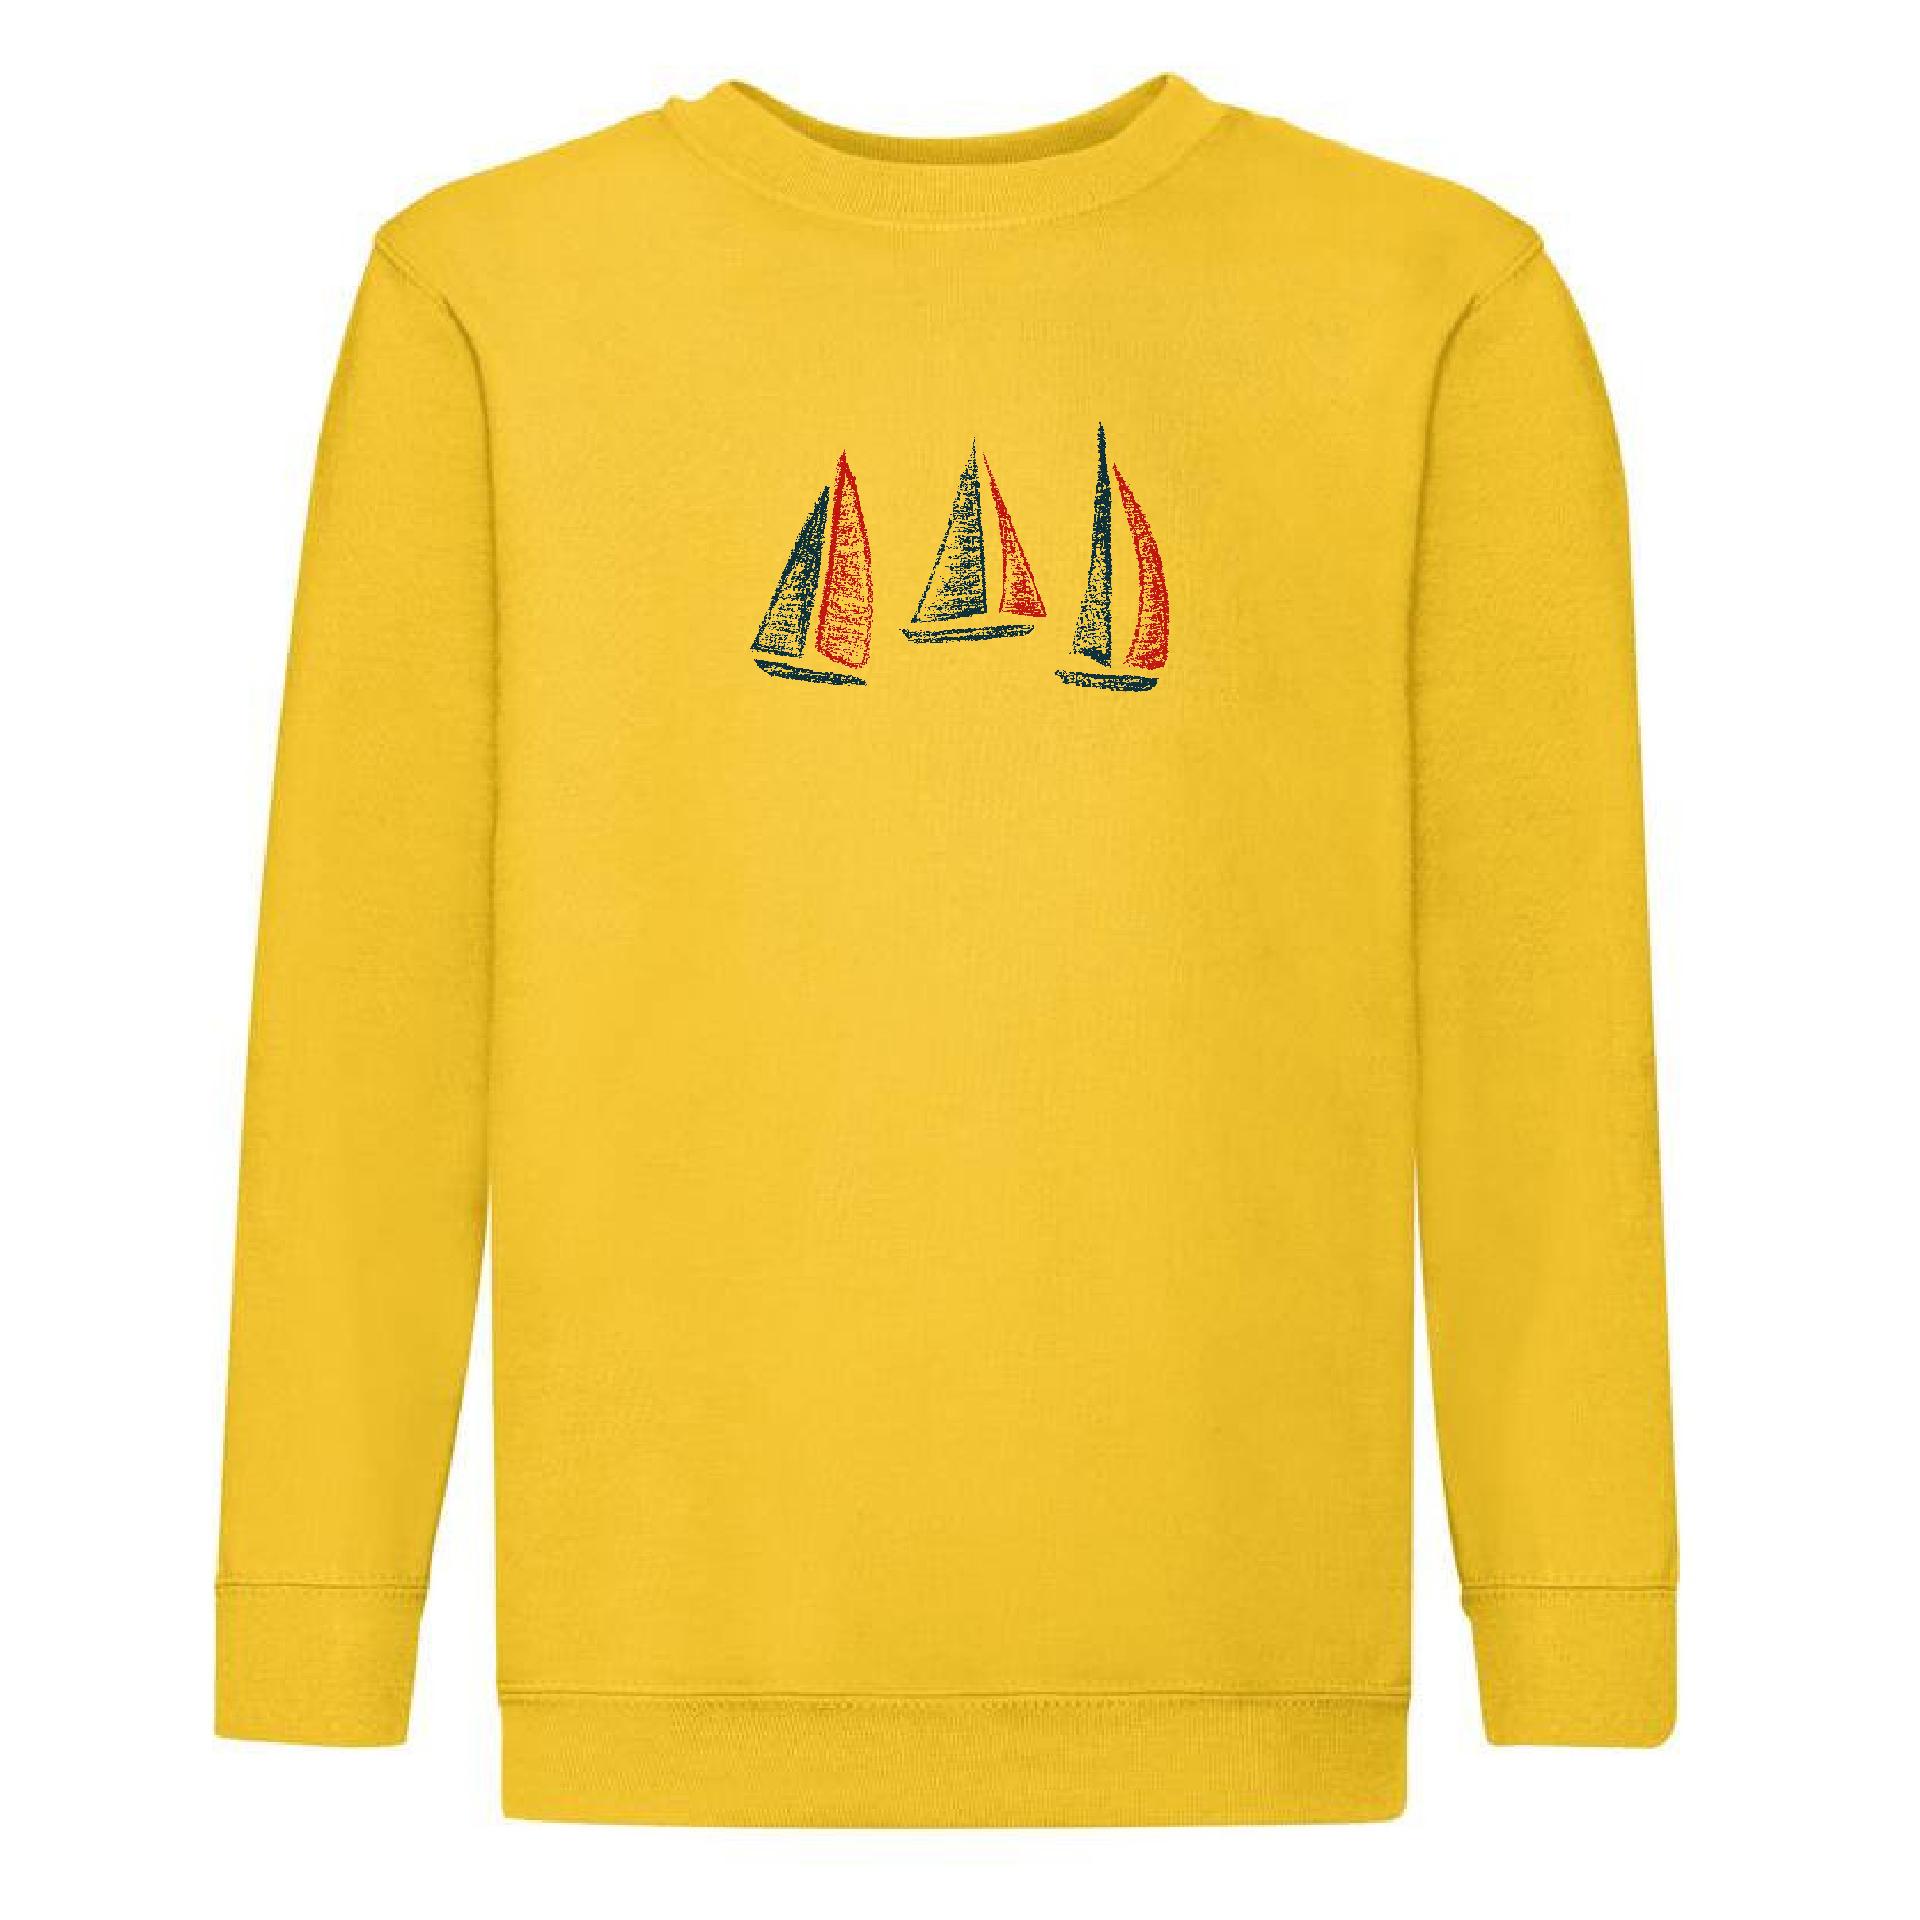 Sweat garçon à motif bateaux jaune